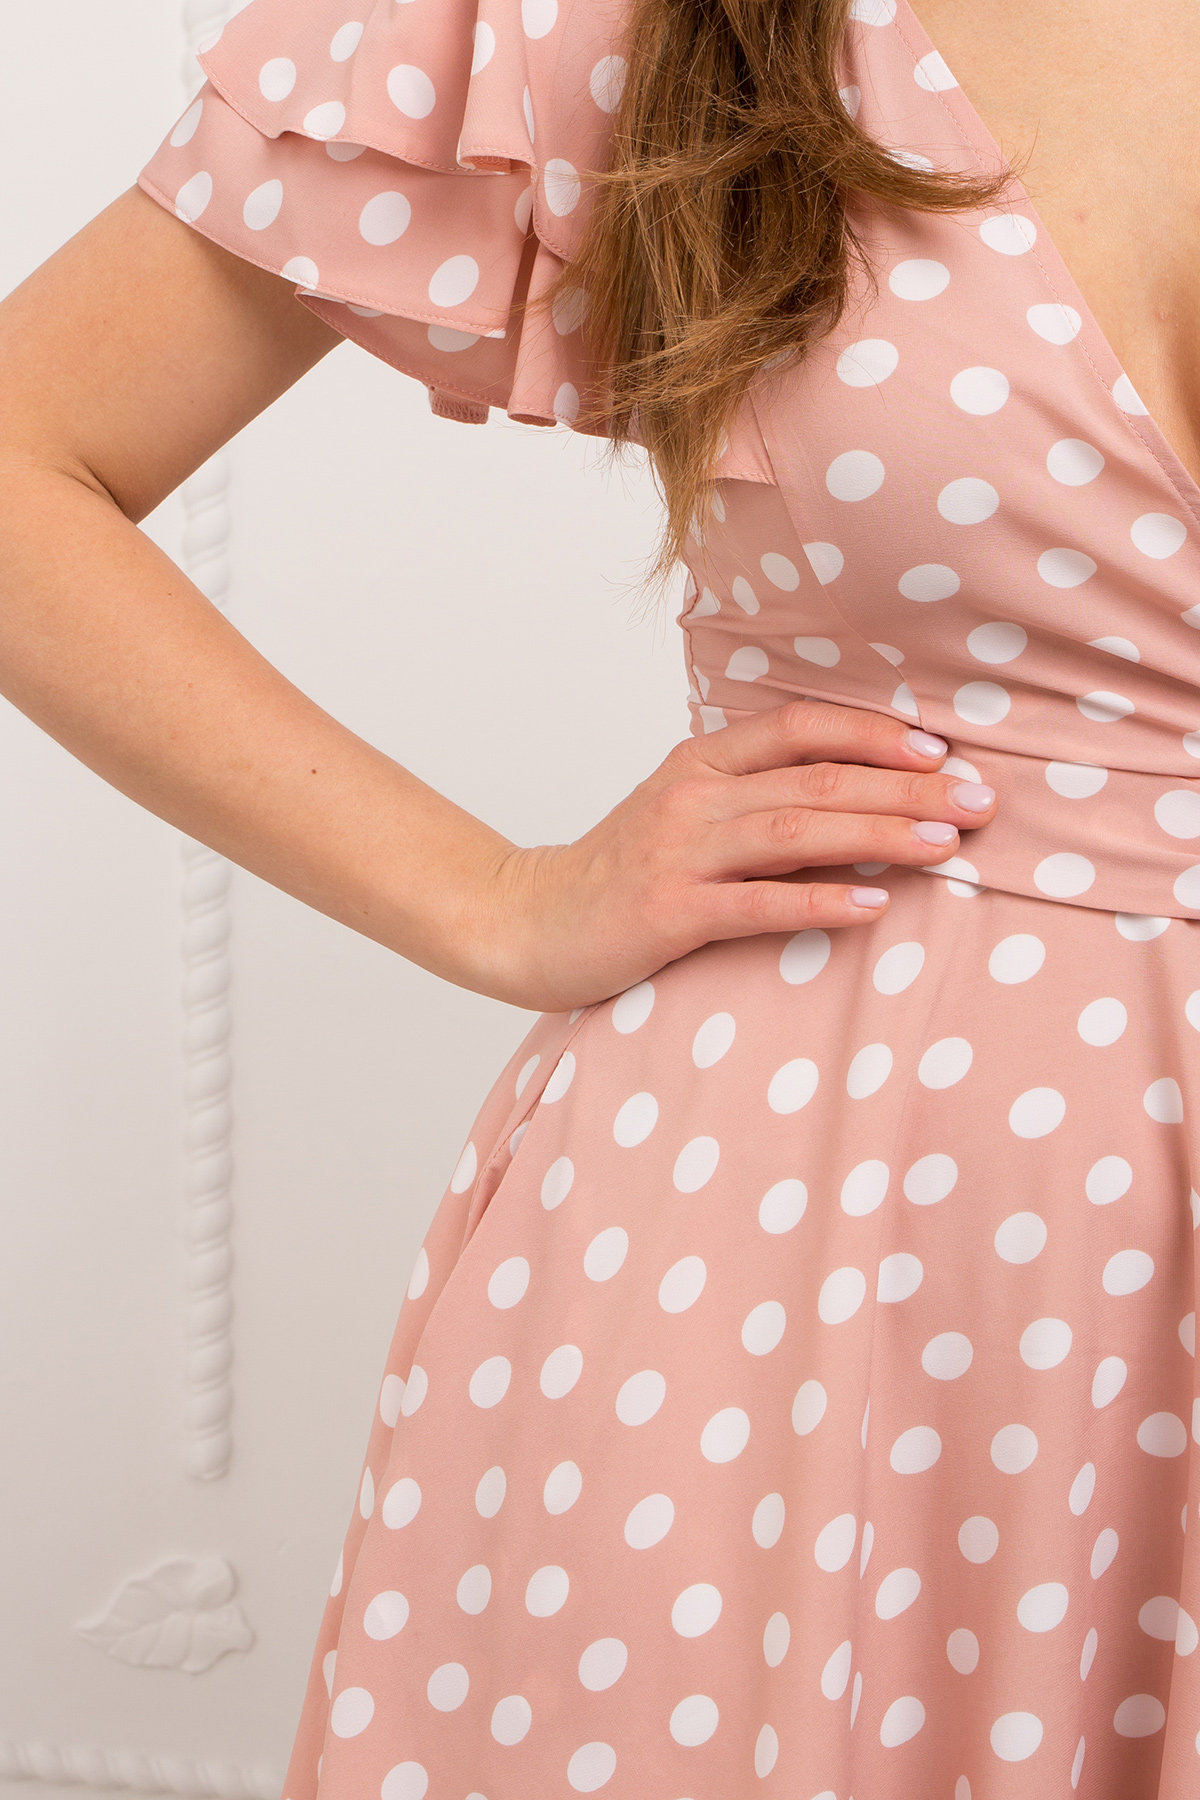 Платье Милея 9072 АРТ. 45396 Цвет: Пудра/молоко горох - фото 4, интернет магазин tm-modus.ru